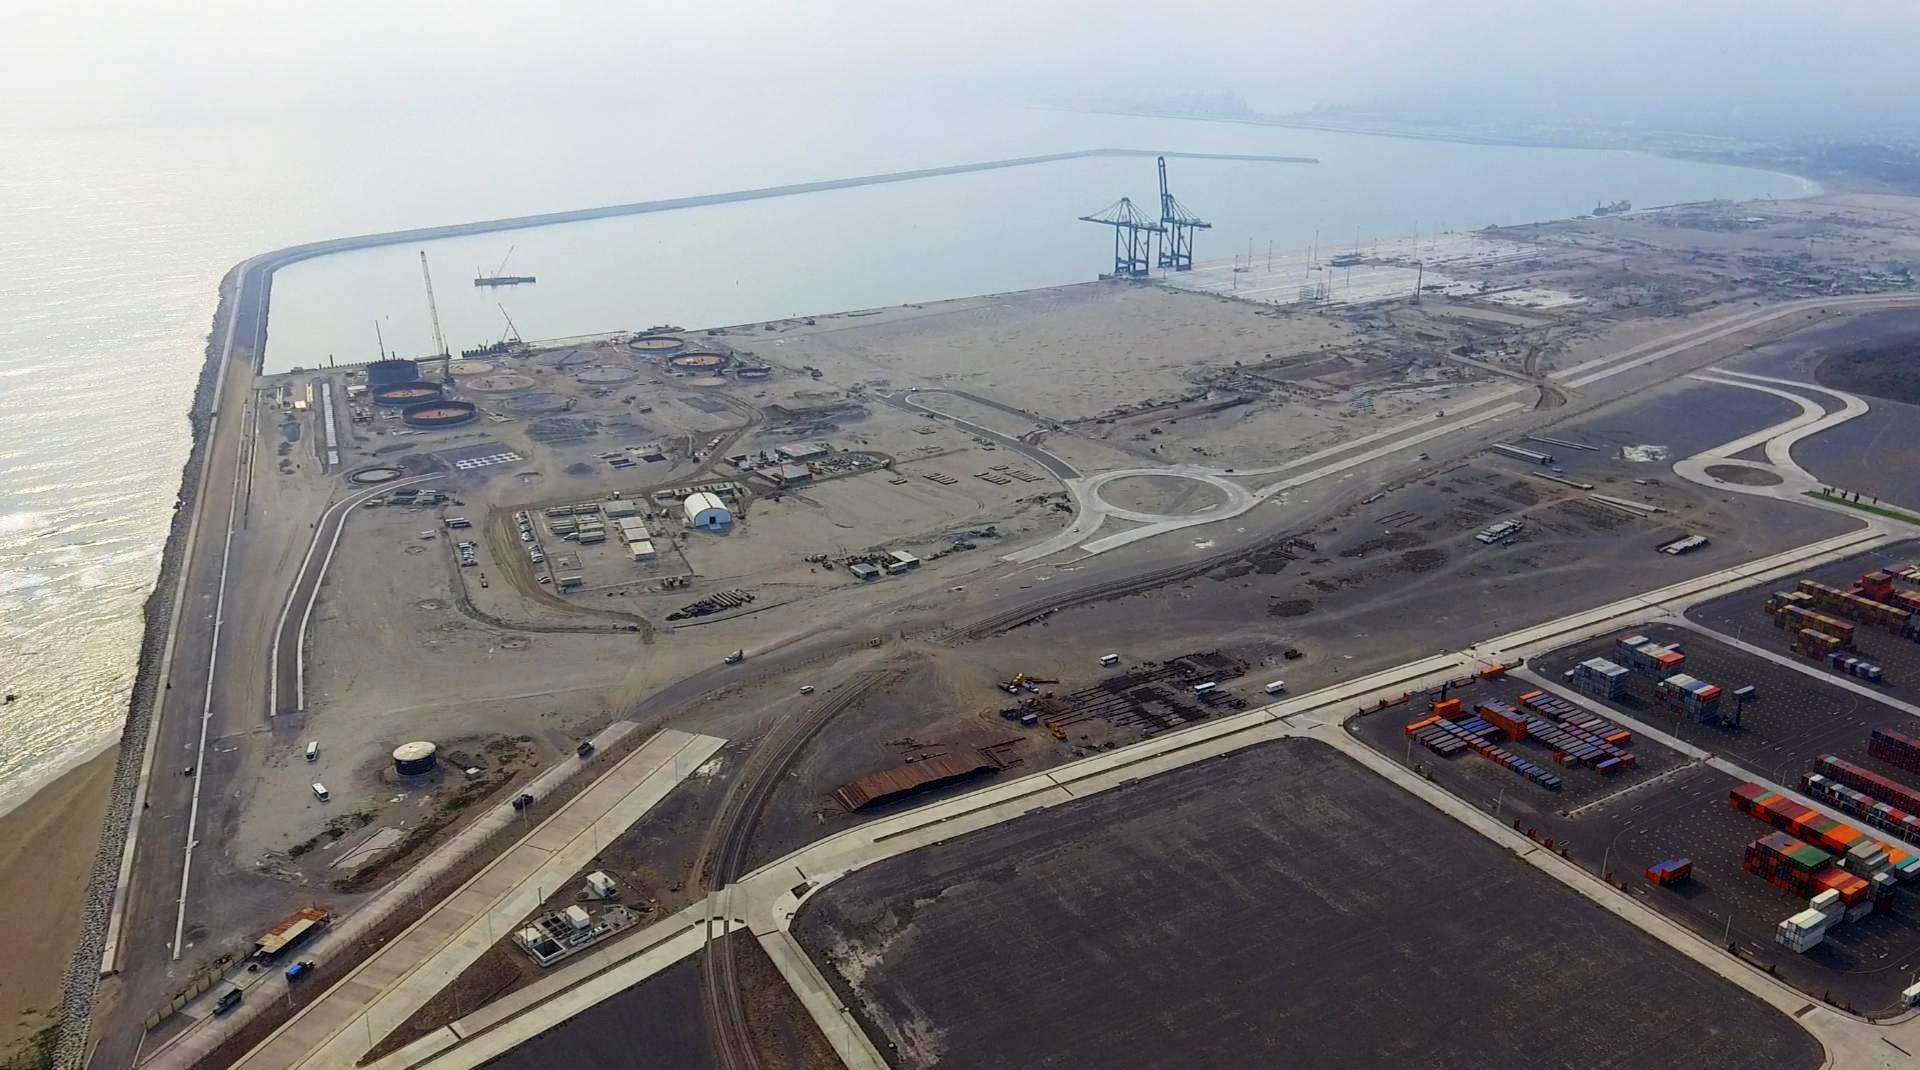 Vista aérea das obras de ampliação do Puerto de Veracruz, no México.